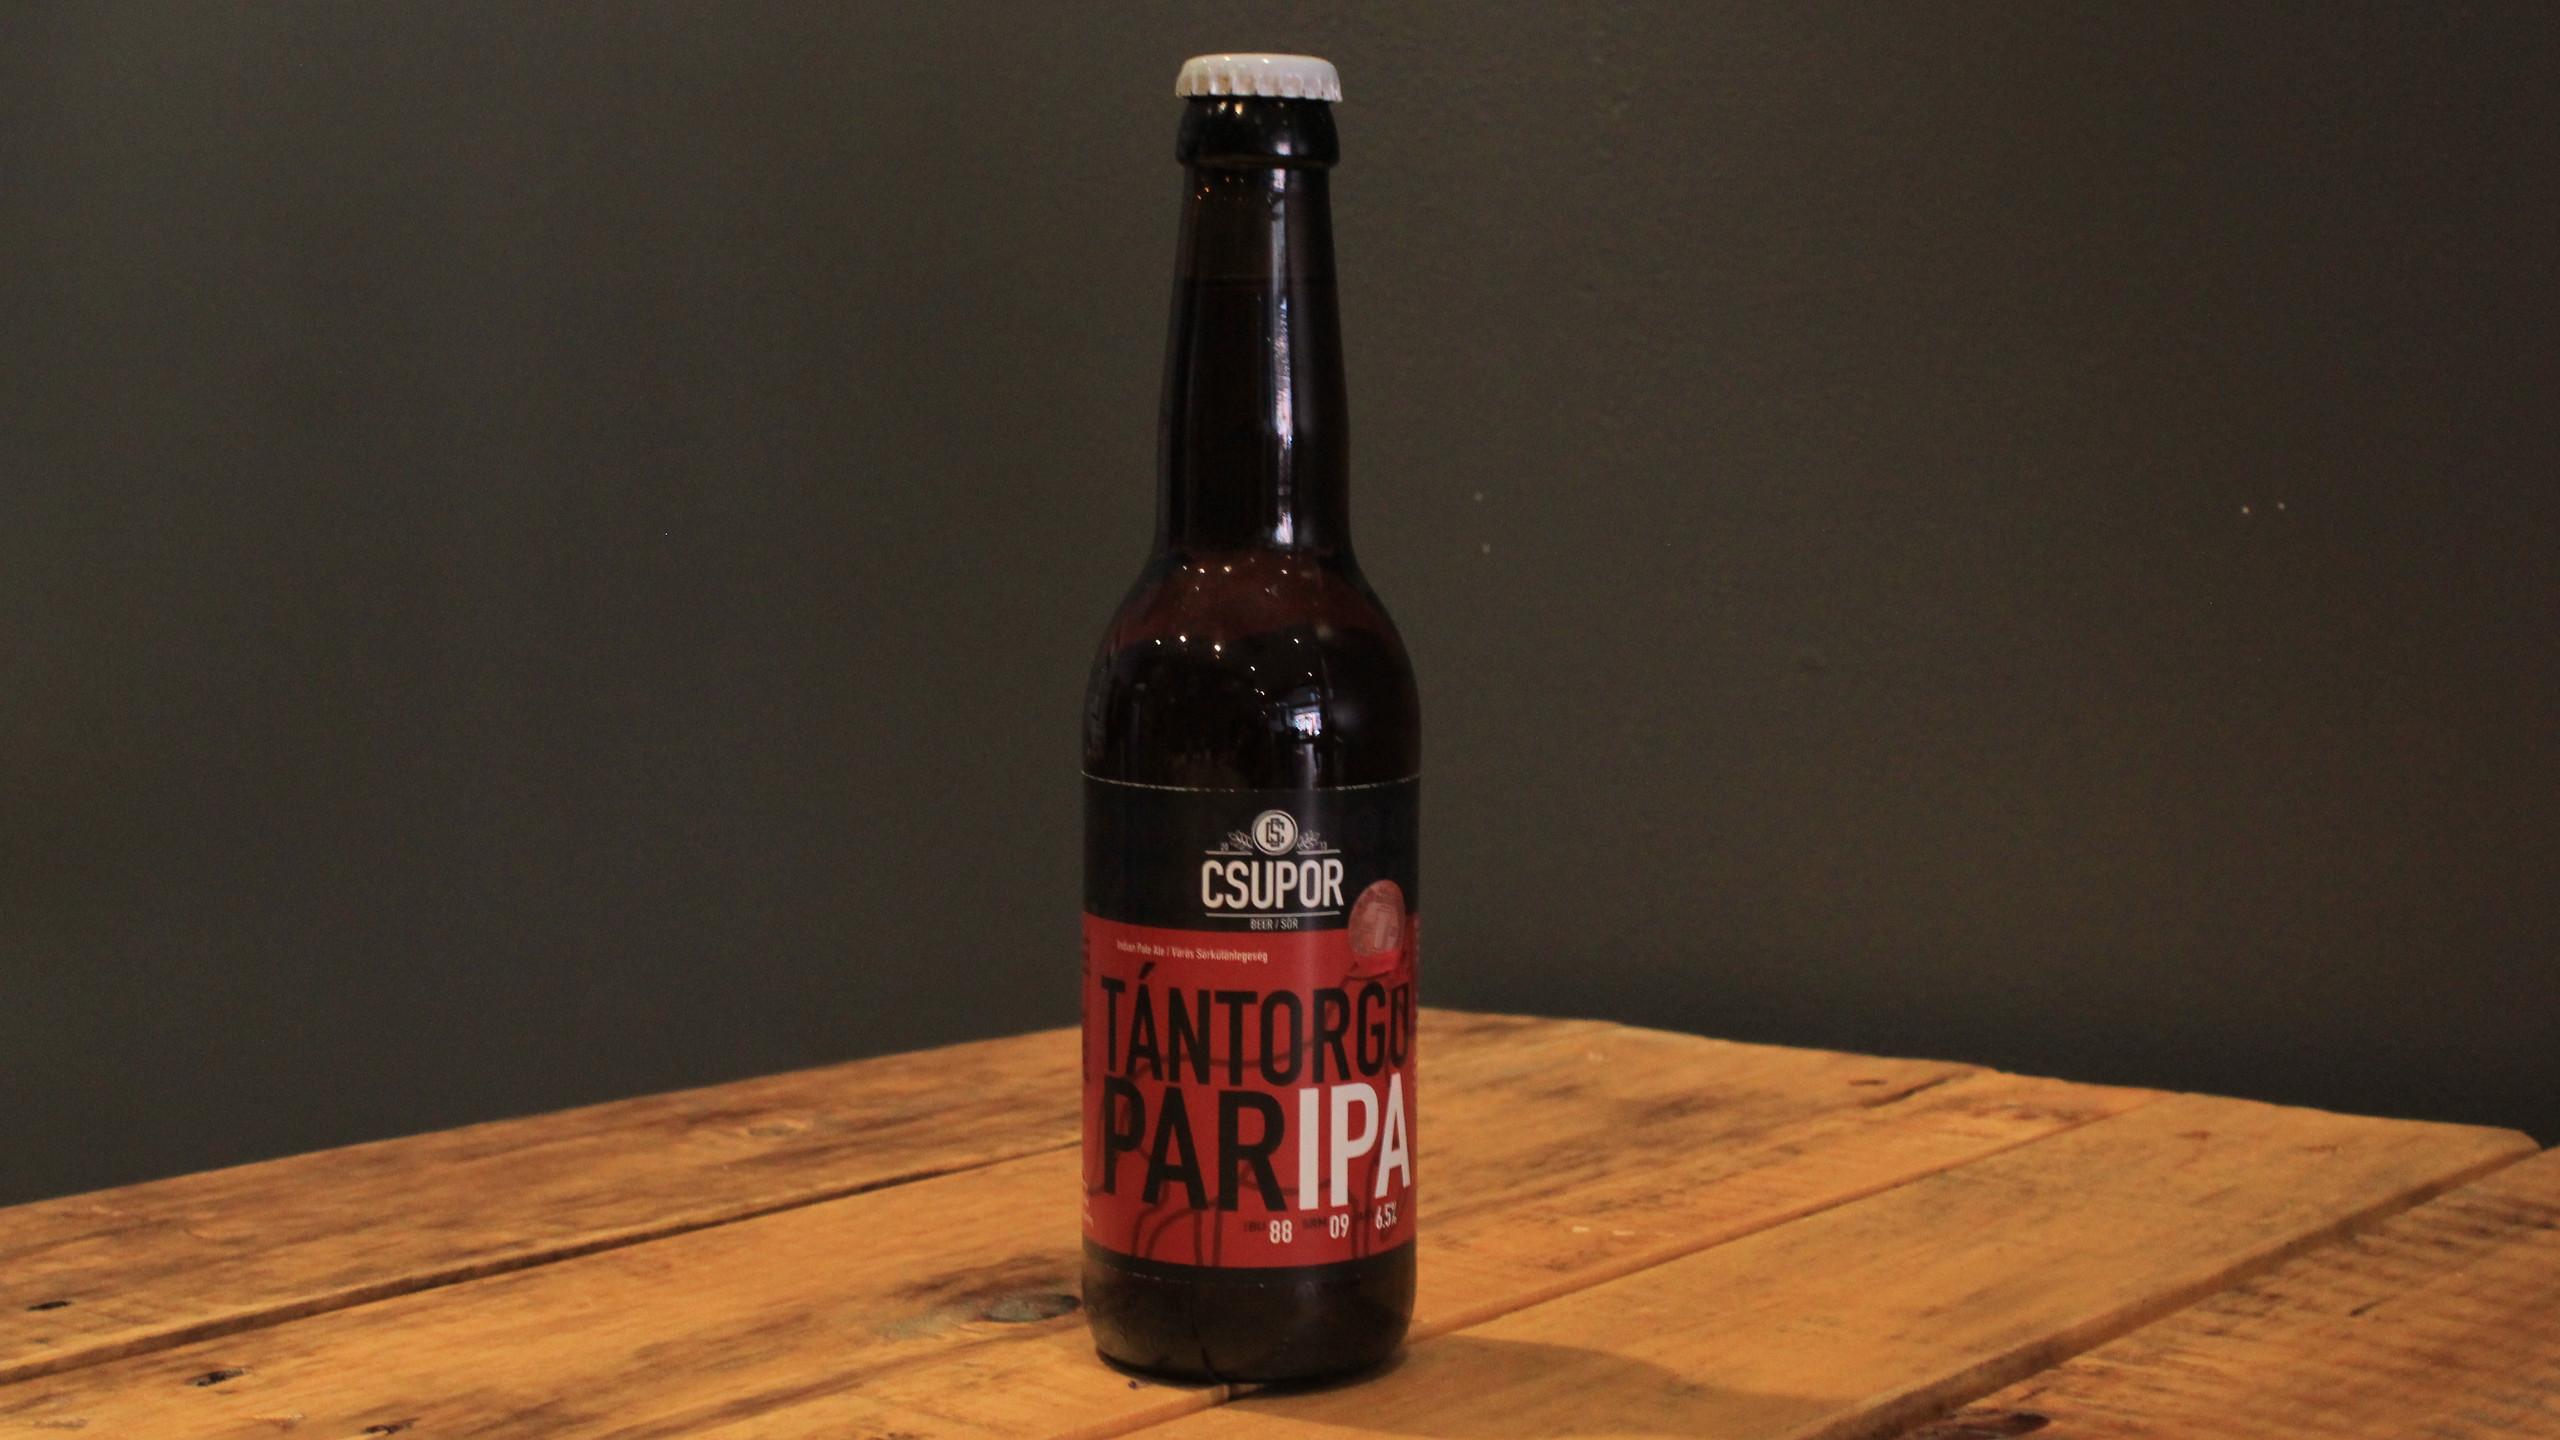 Beer #6: Csupor - Tántorgó ParIPA